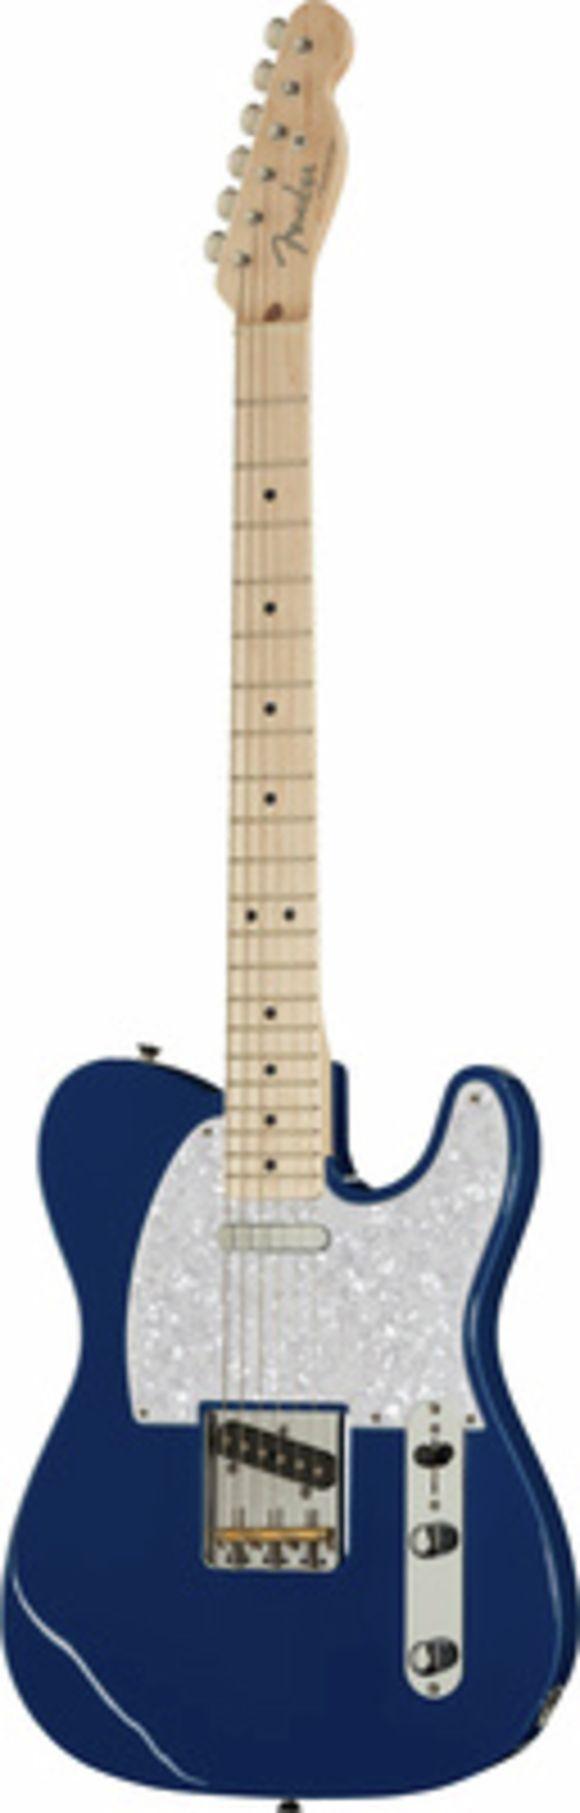 Hybrid Tele MN Indigo Fender